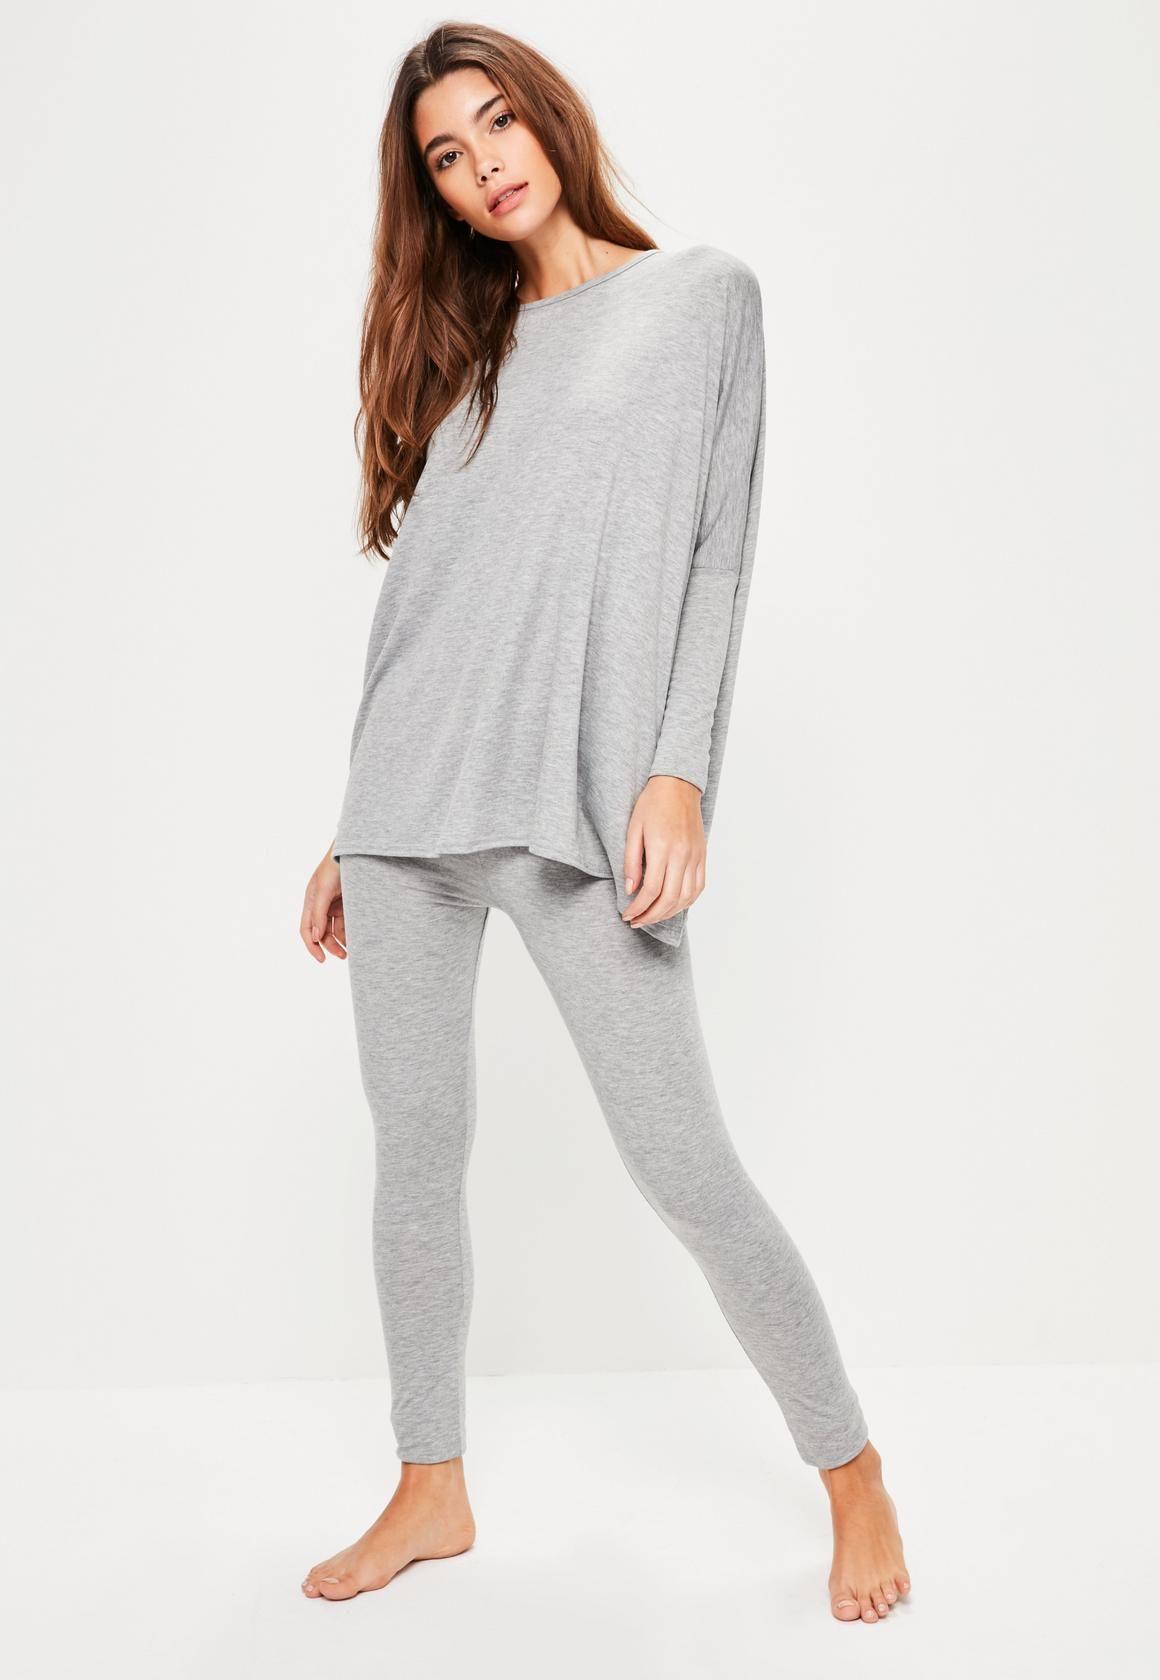 7b828de757 Missguided - Grey Jersey Oversized Loungewear Set